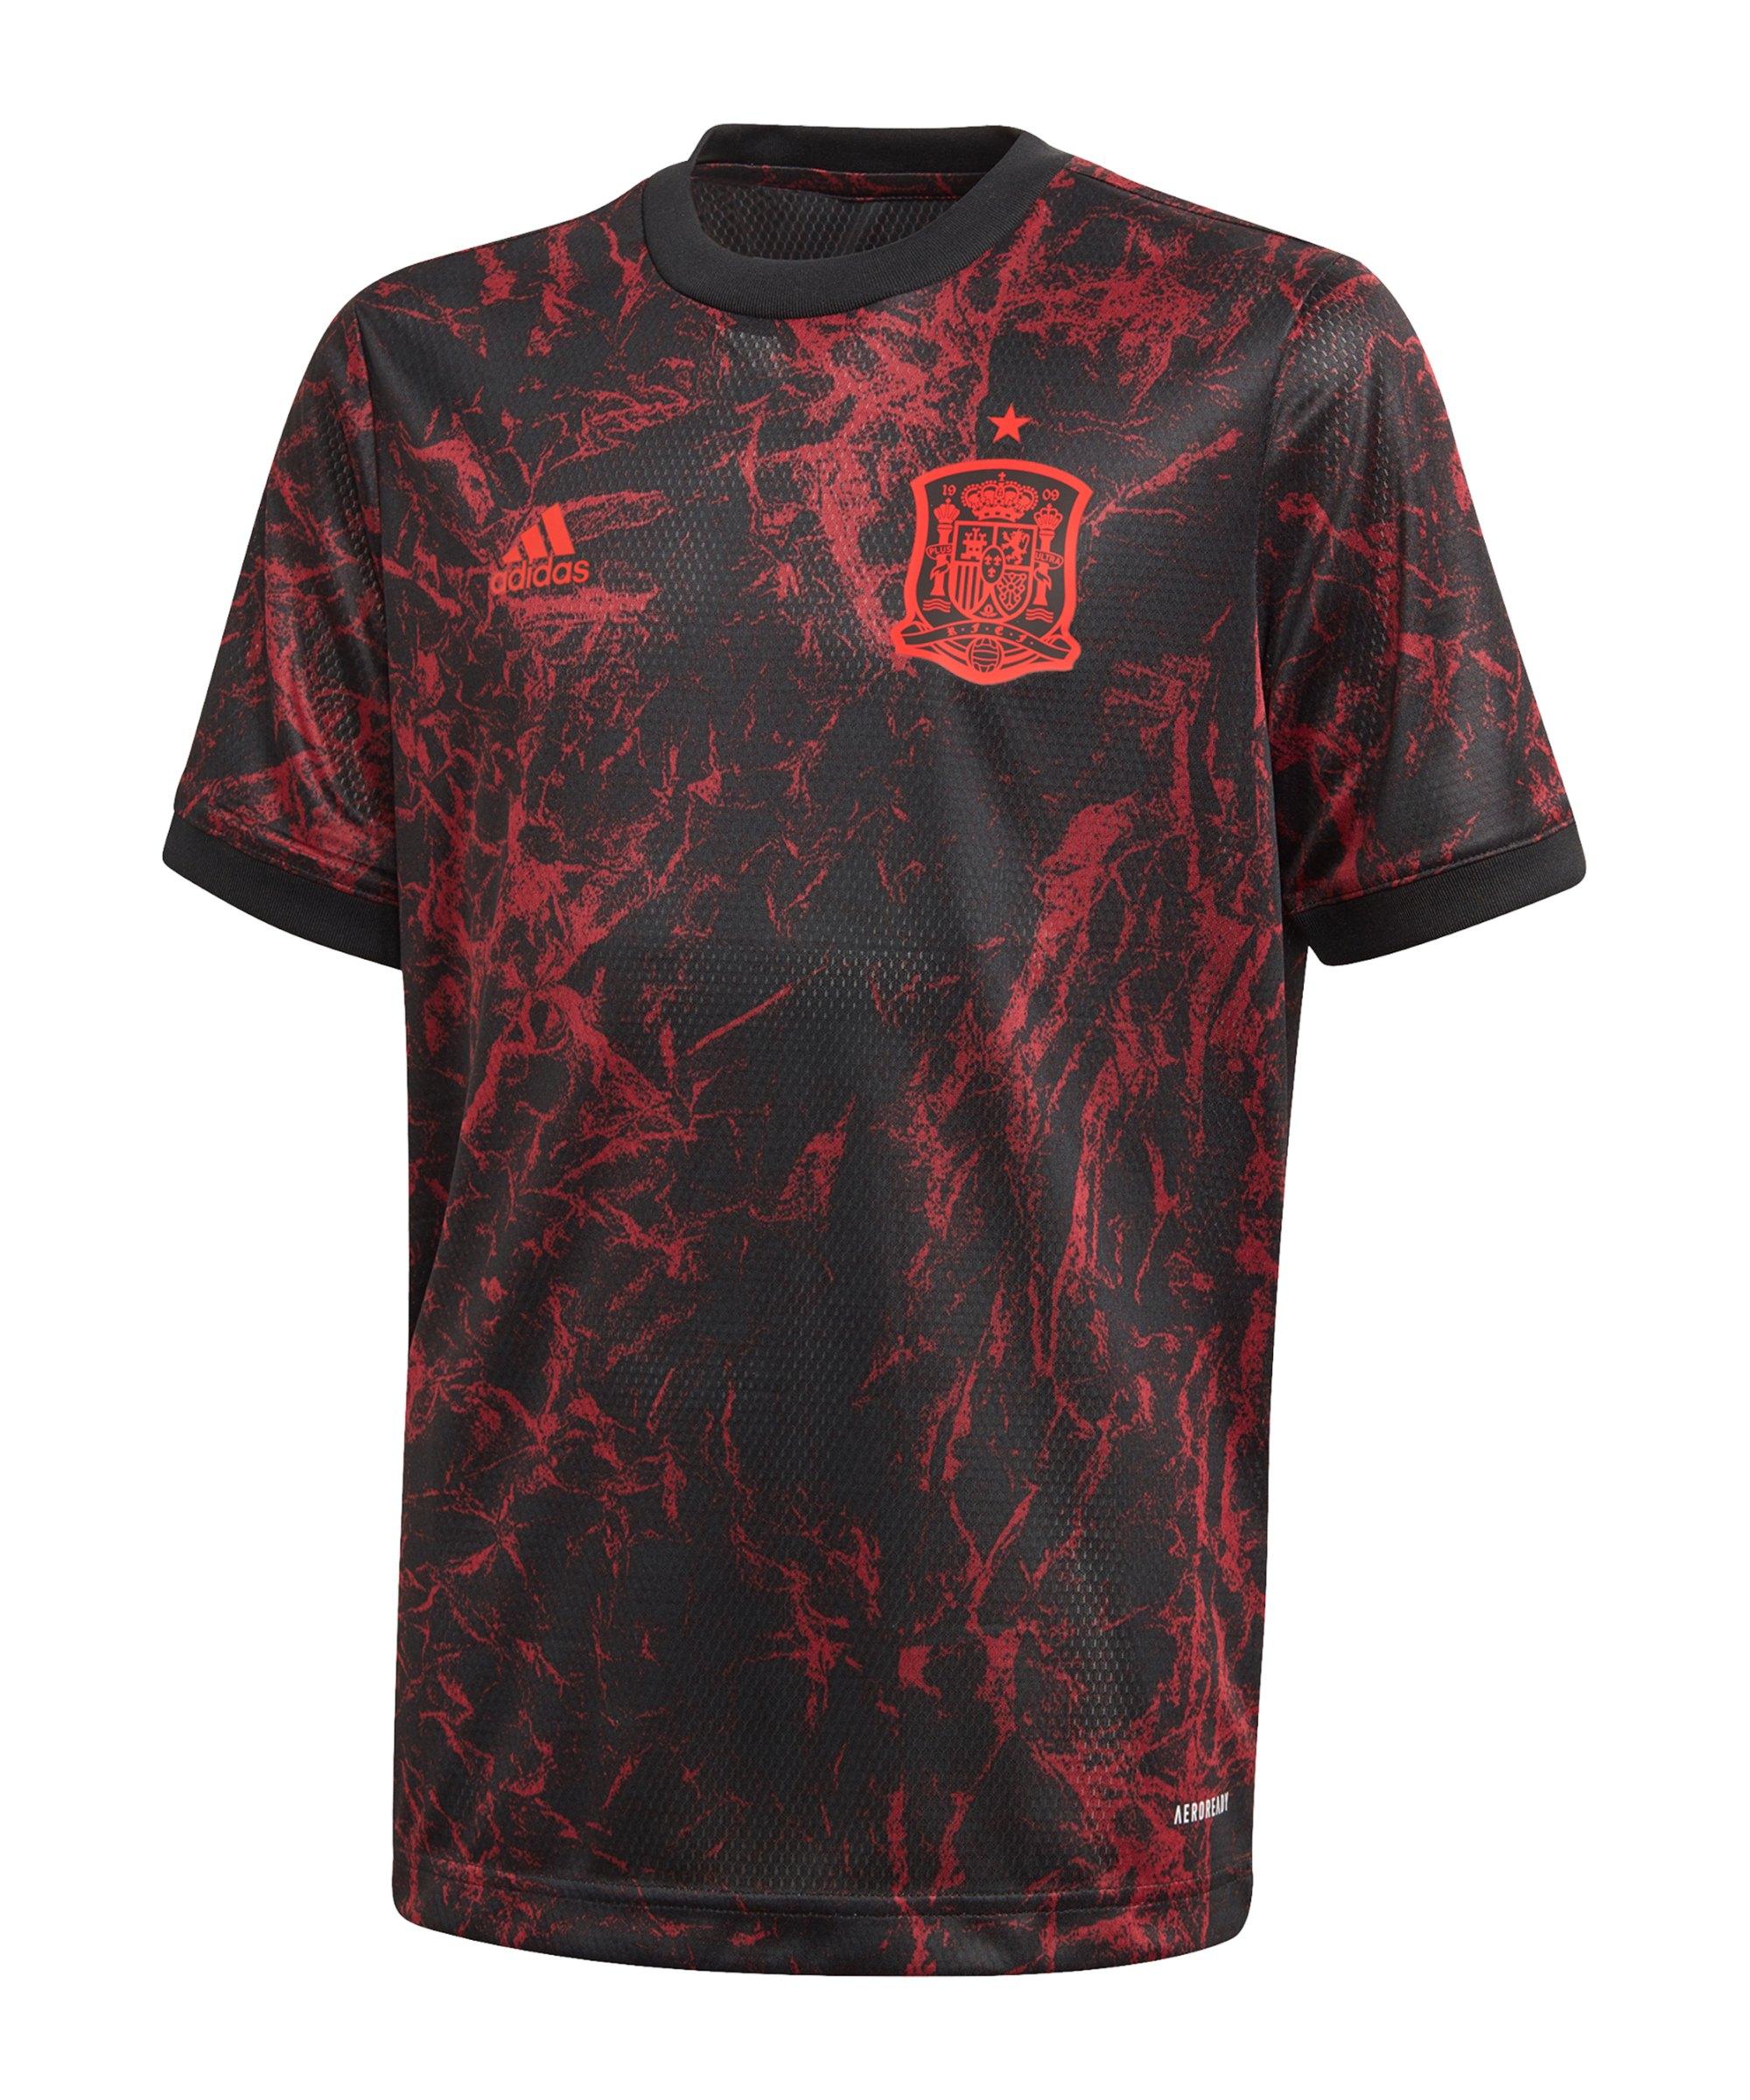 adidas Spanien Prematch Shirt EM 2020 Schwarz - schwarz